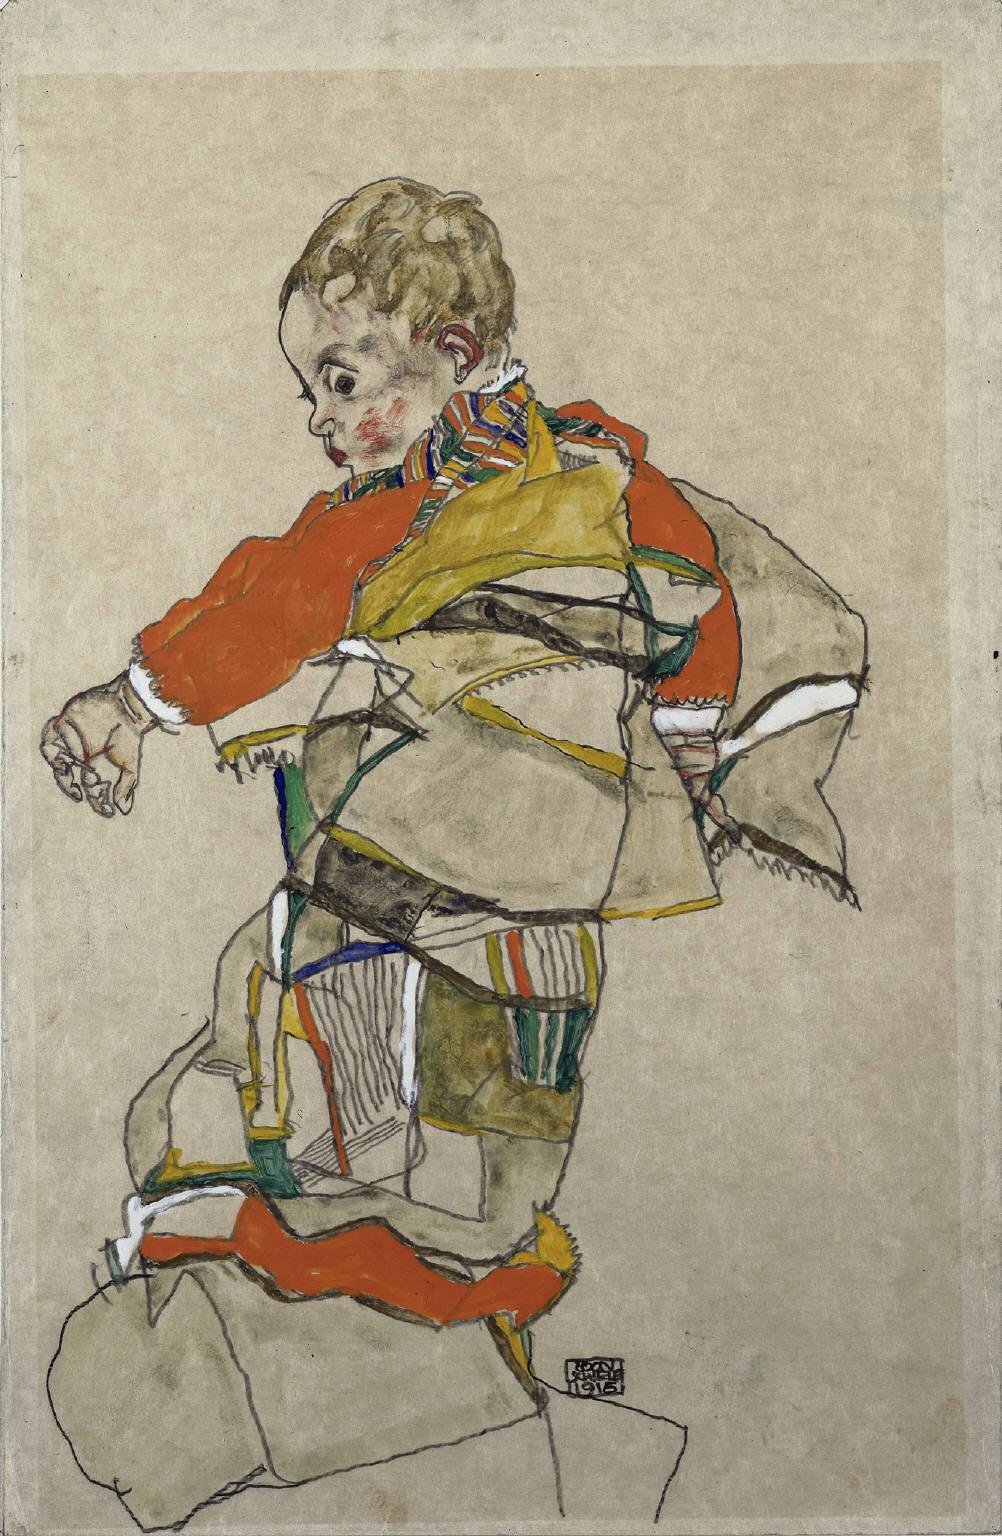 FileEgon Schiele Portrt Eines Kindes Anton Peschka